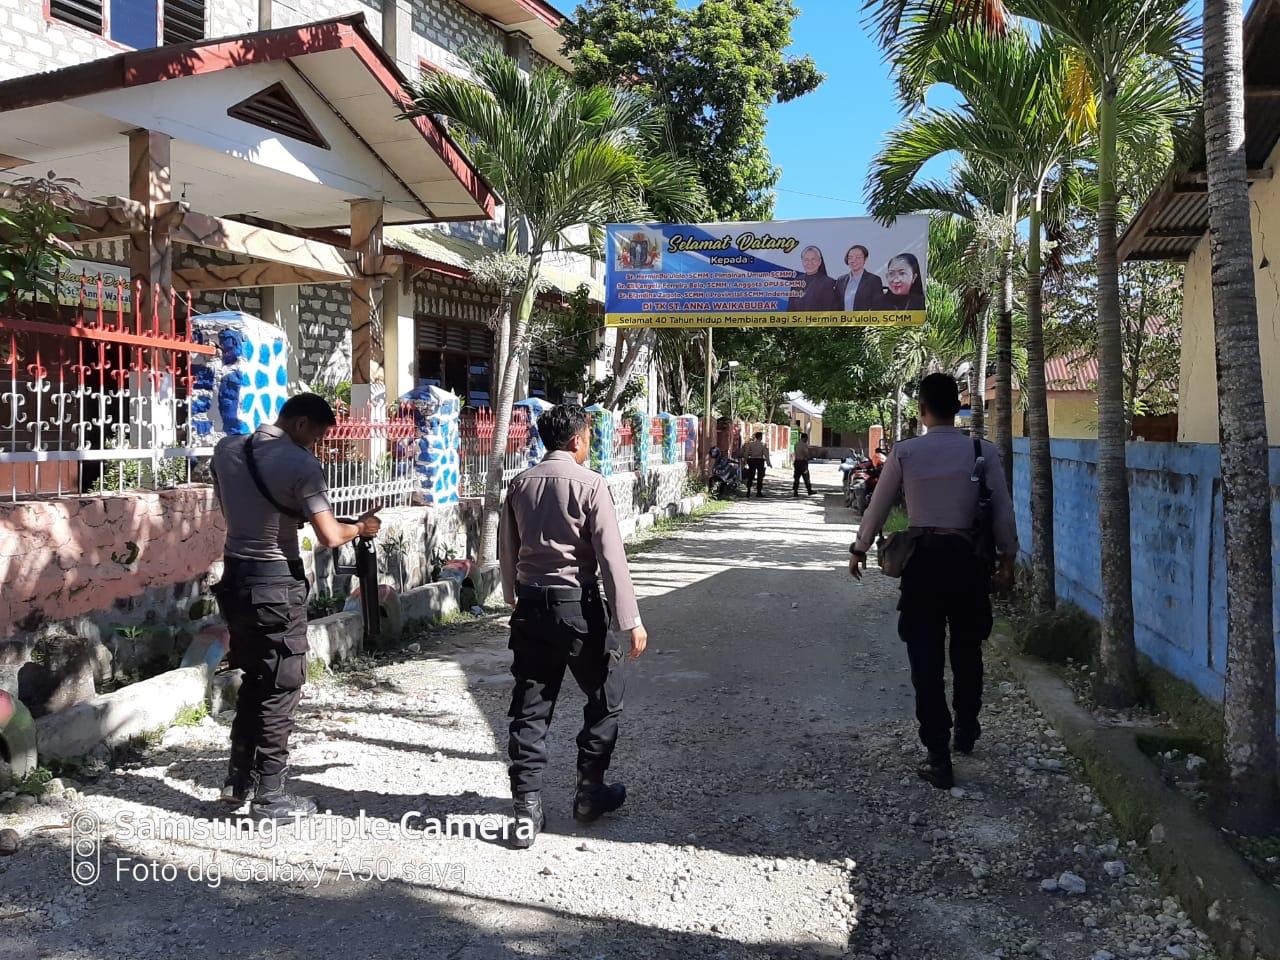 Bersama Personel Ton 2 Dalmas Polres Sumba Barat, IPDA Sumarmo Pimpin Pengamanan 'Pertemuan OMK'